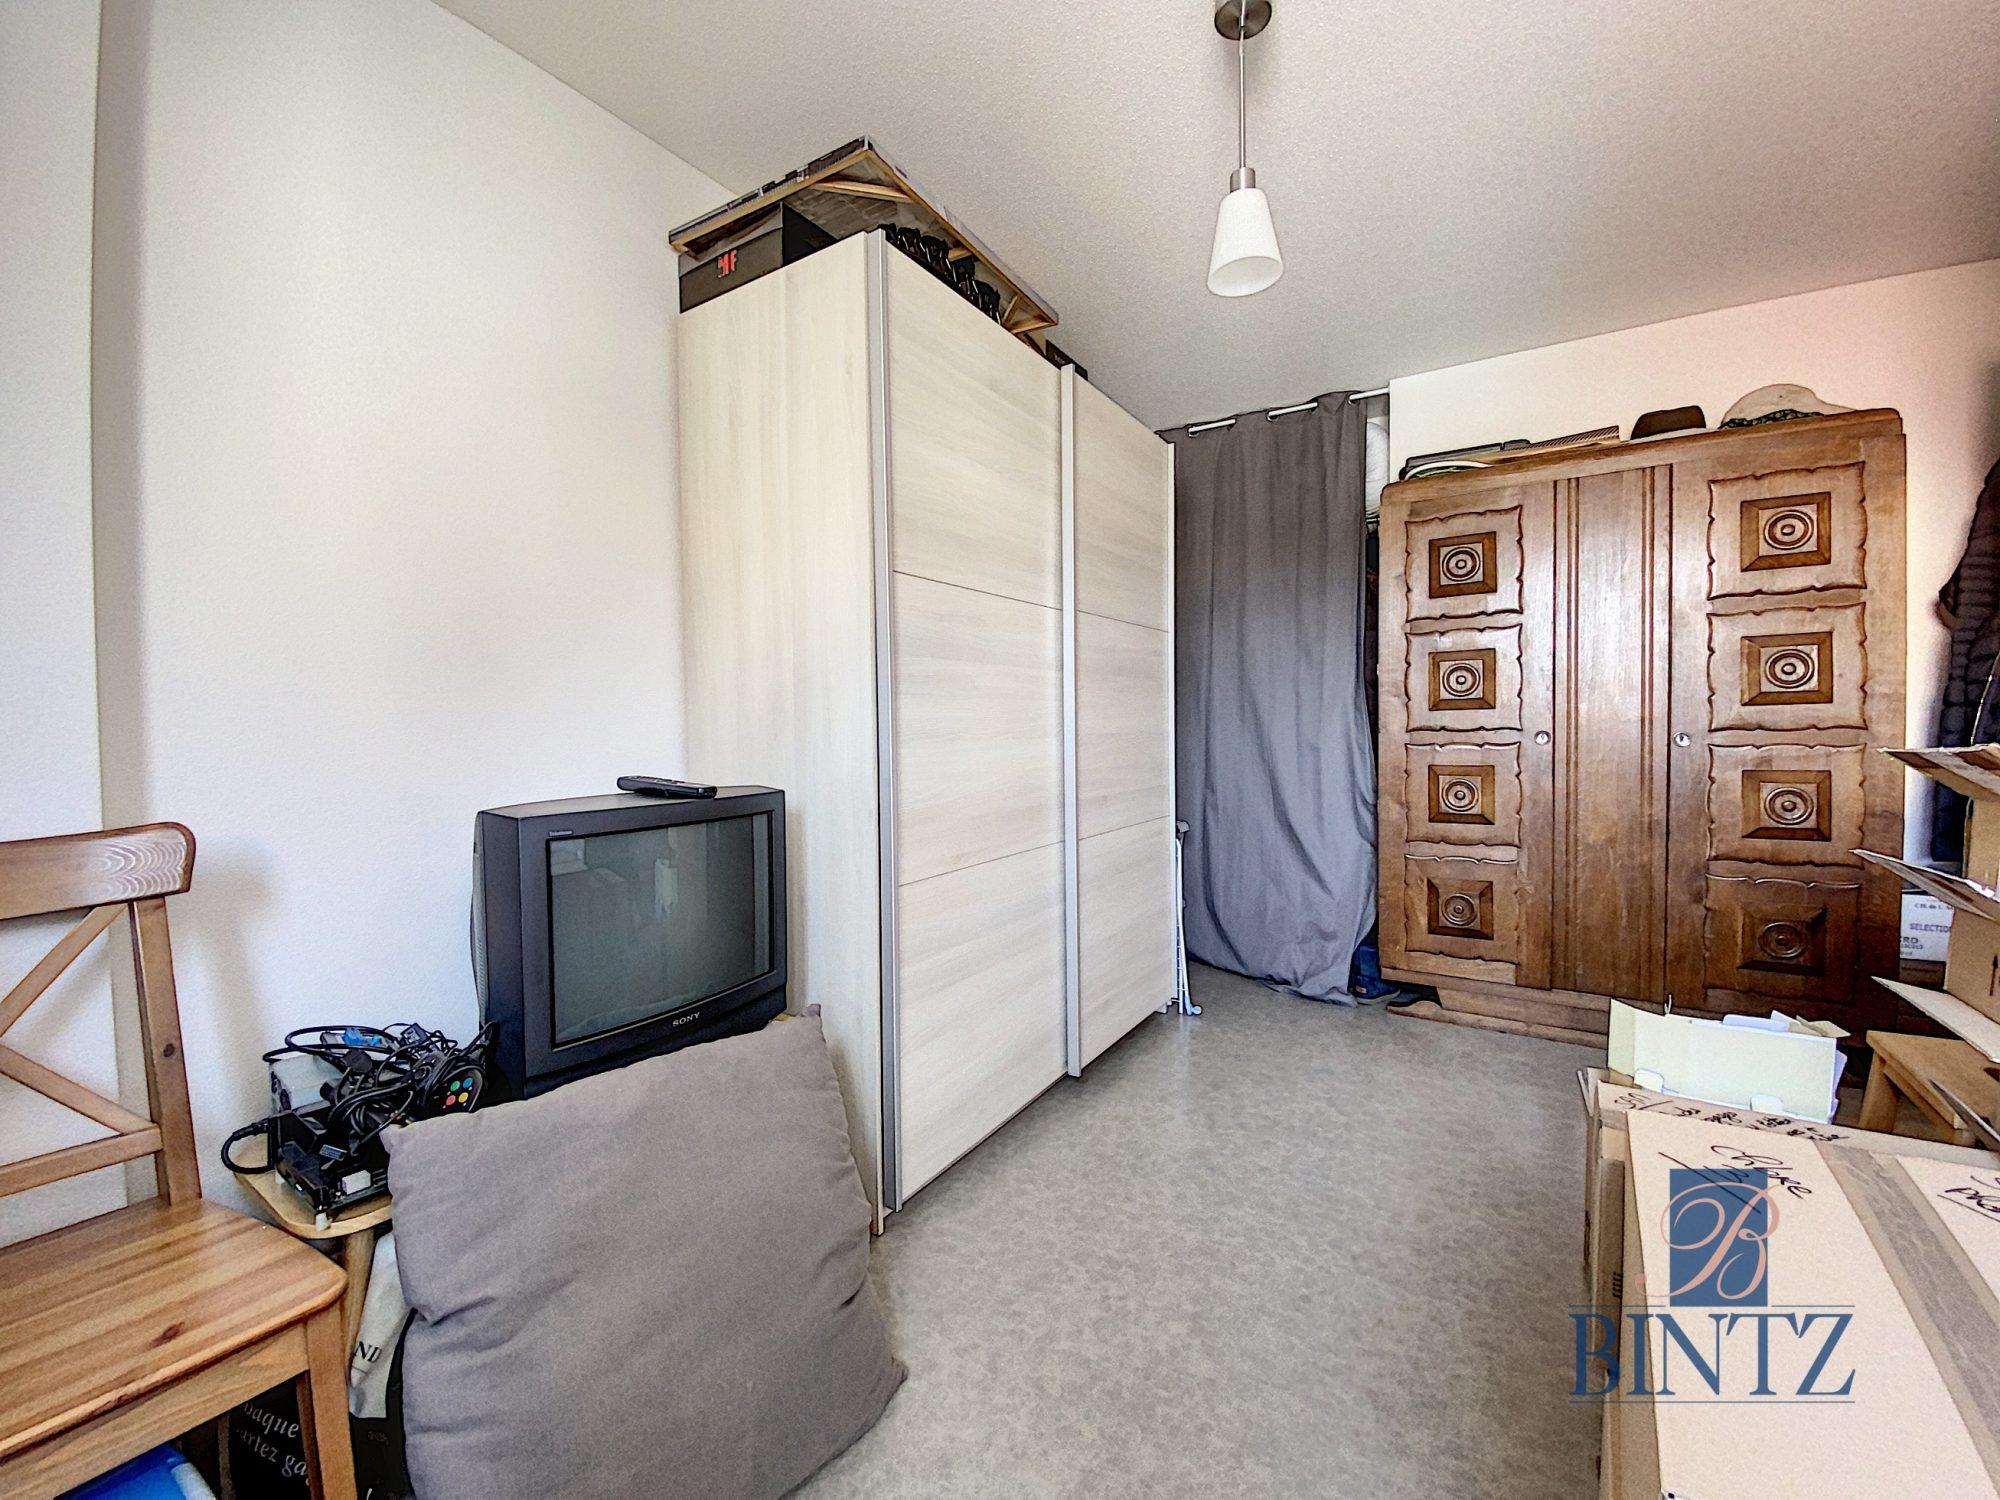 3 pièces neuf avec terrasse Schiltigheim - Devenez propriétaire en toute confiance - Bintz Immobilier - 17